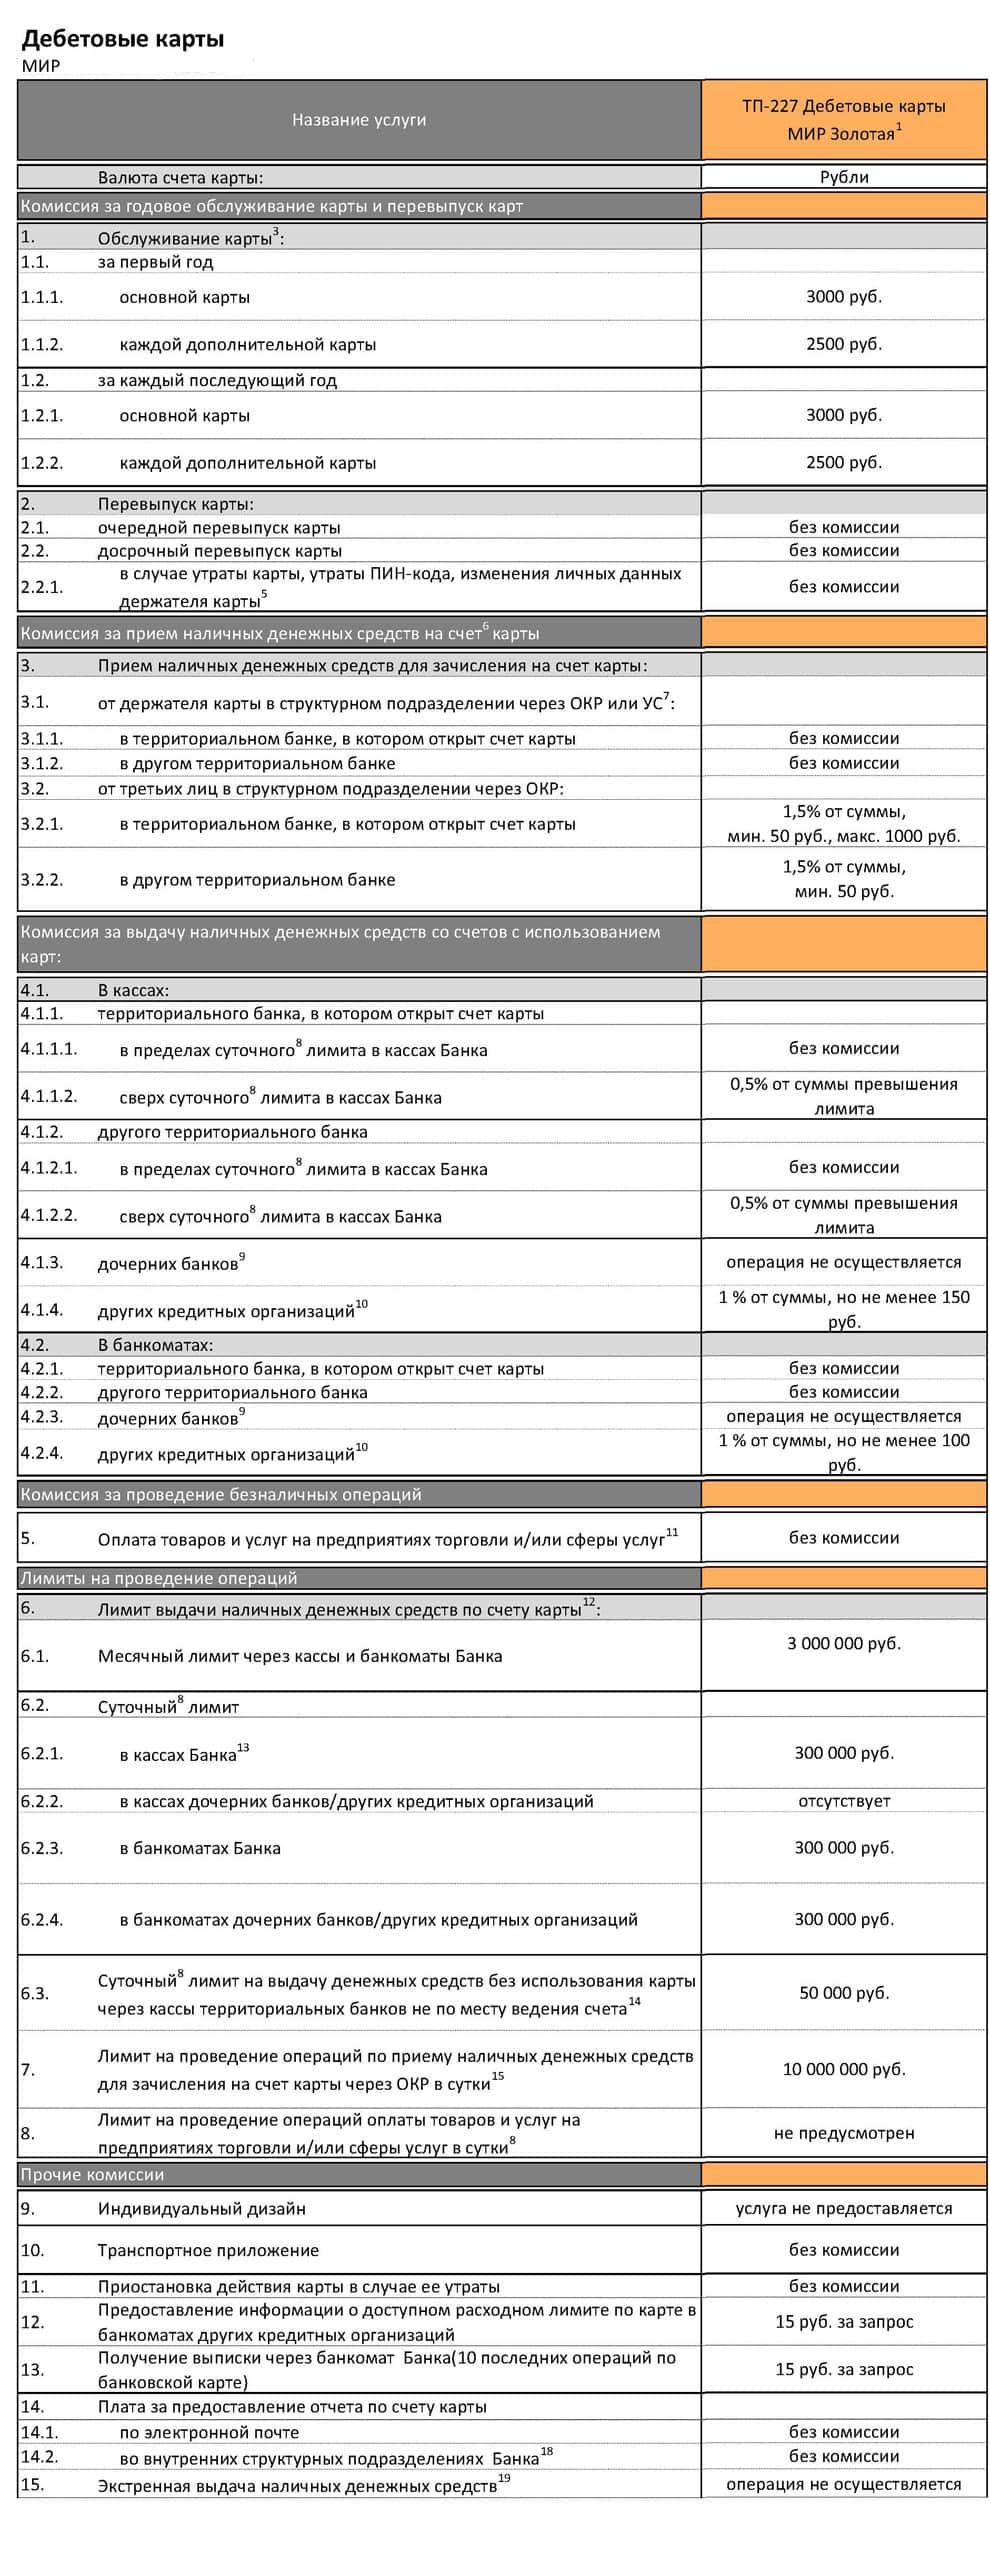 Привет мир кэшбэк сервис: зарегистрировать и подключить карту на сайте privetmir.ru, отзывы